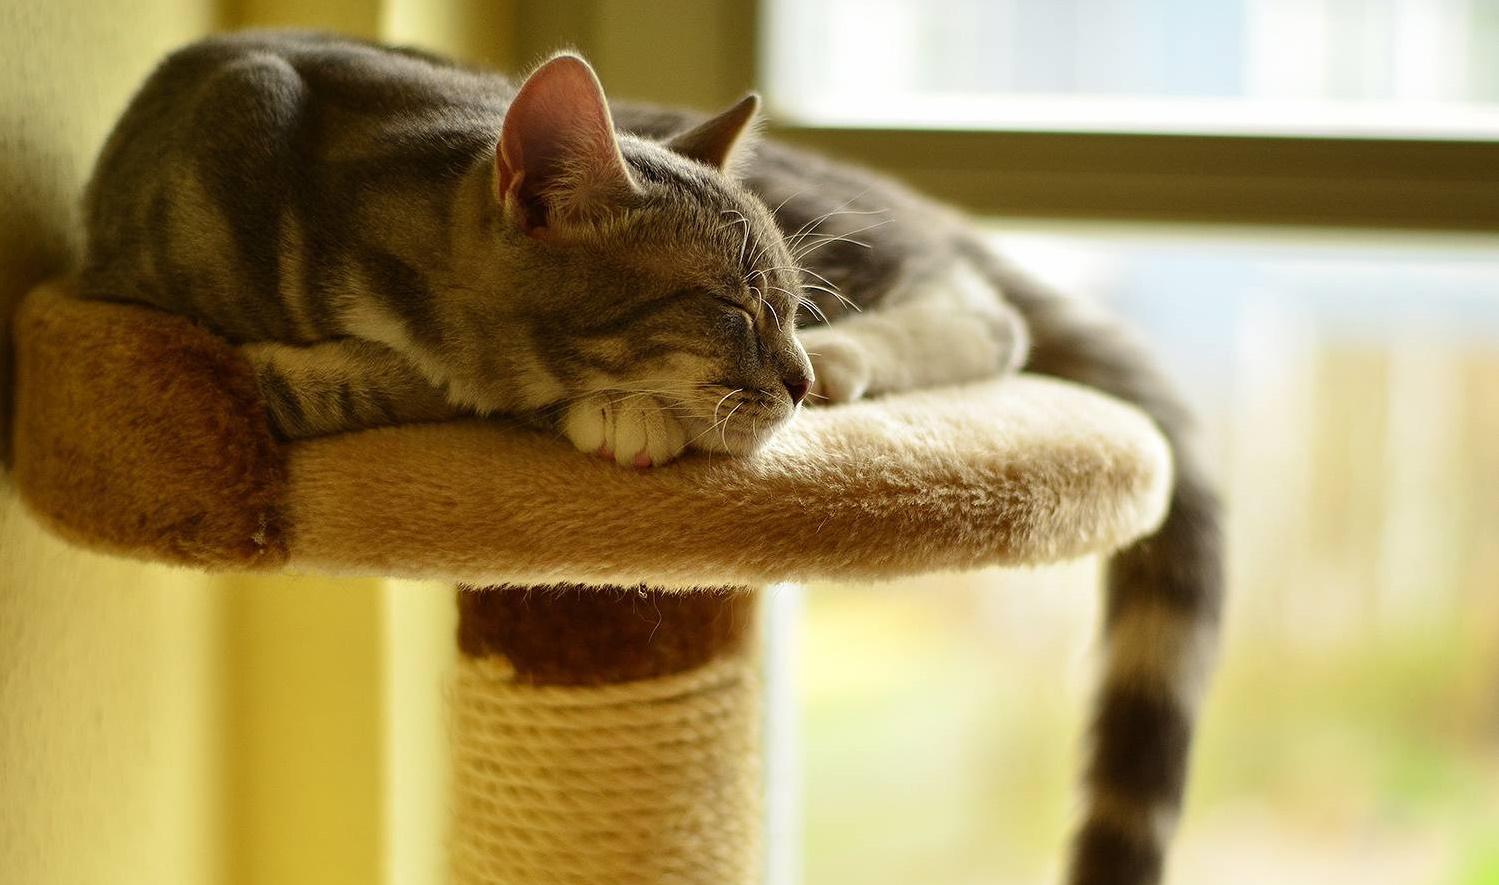 Cuccia Gatto Fai Da Te tiragraffi per gatti: i migliori modelli online